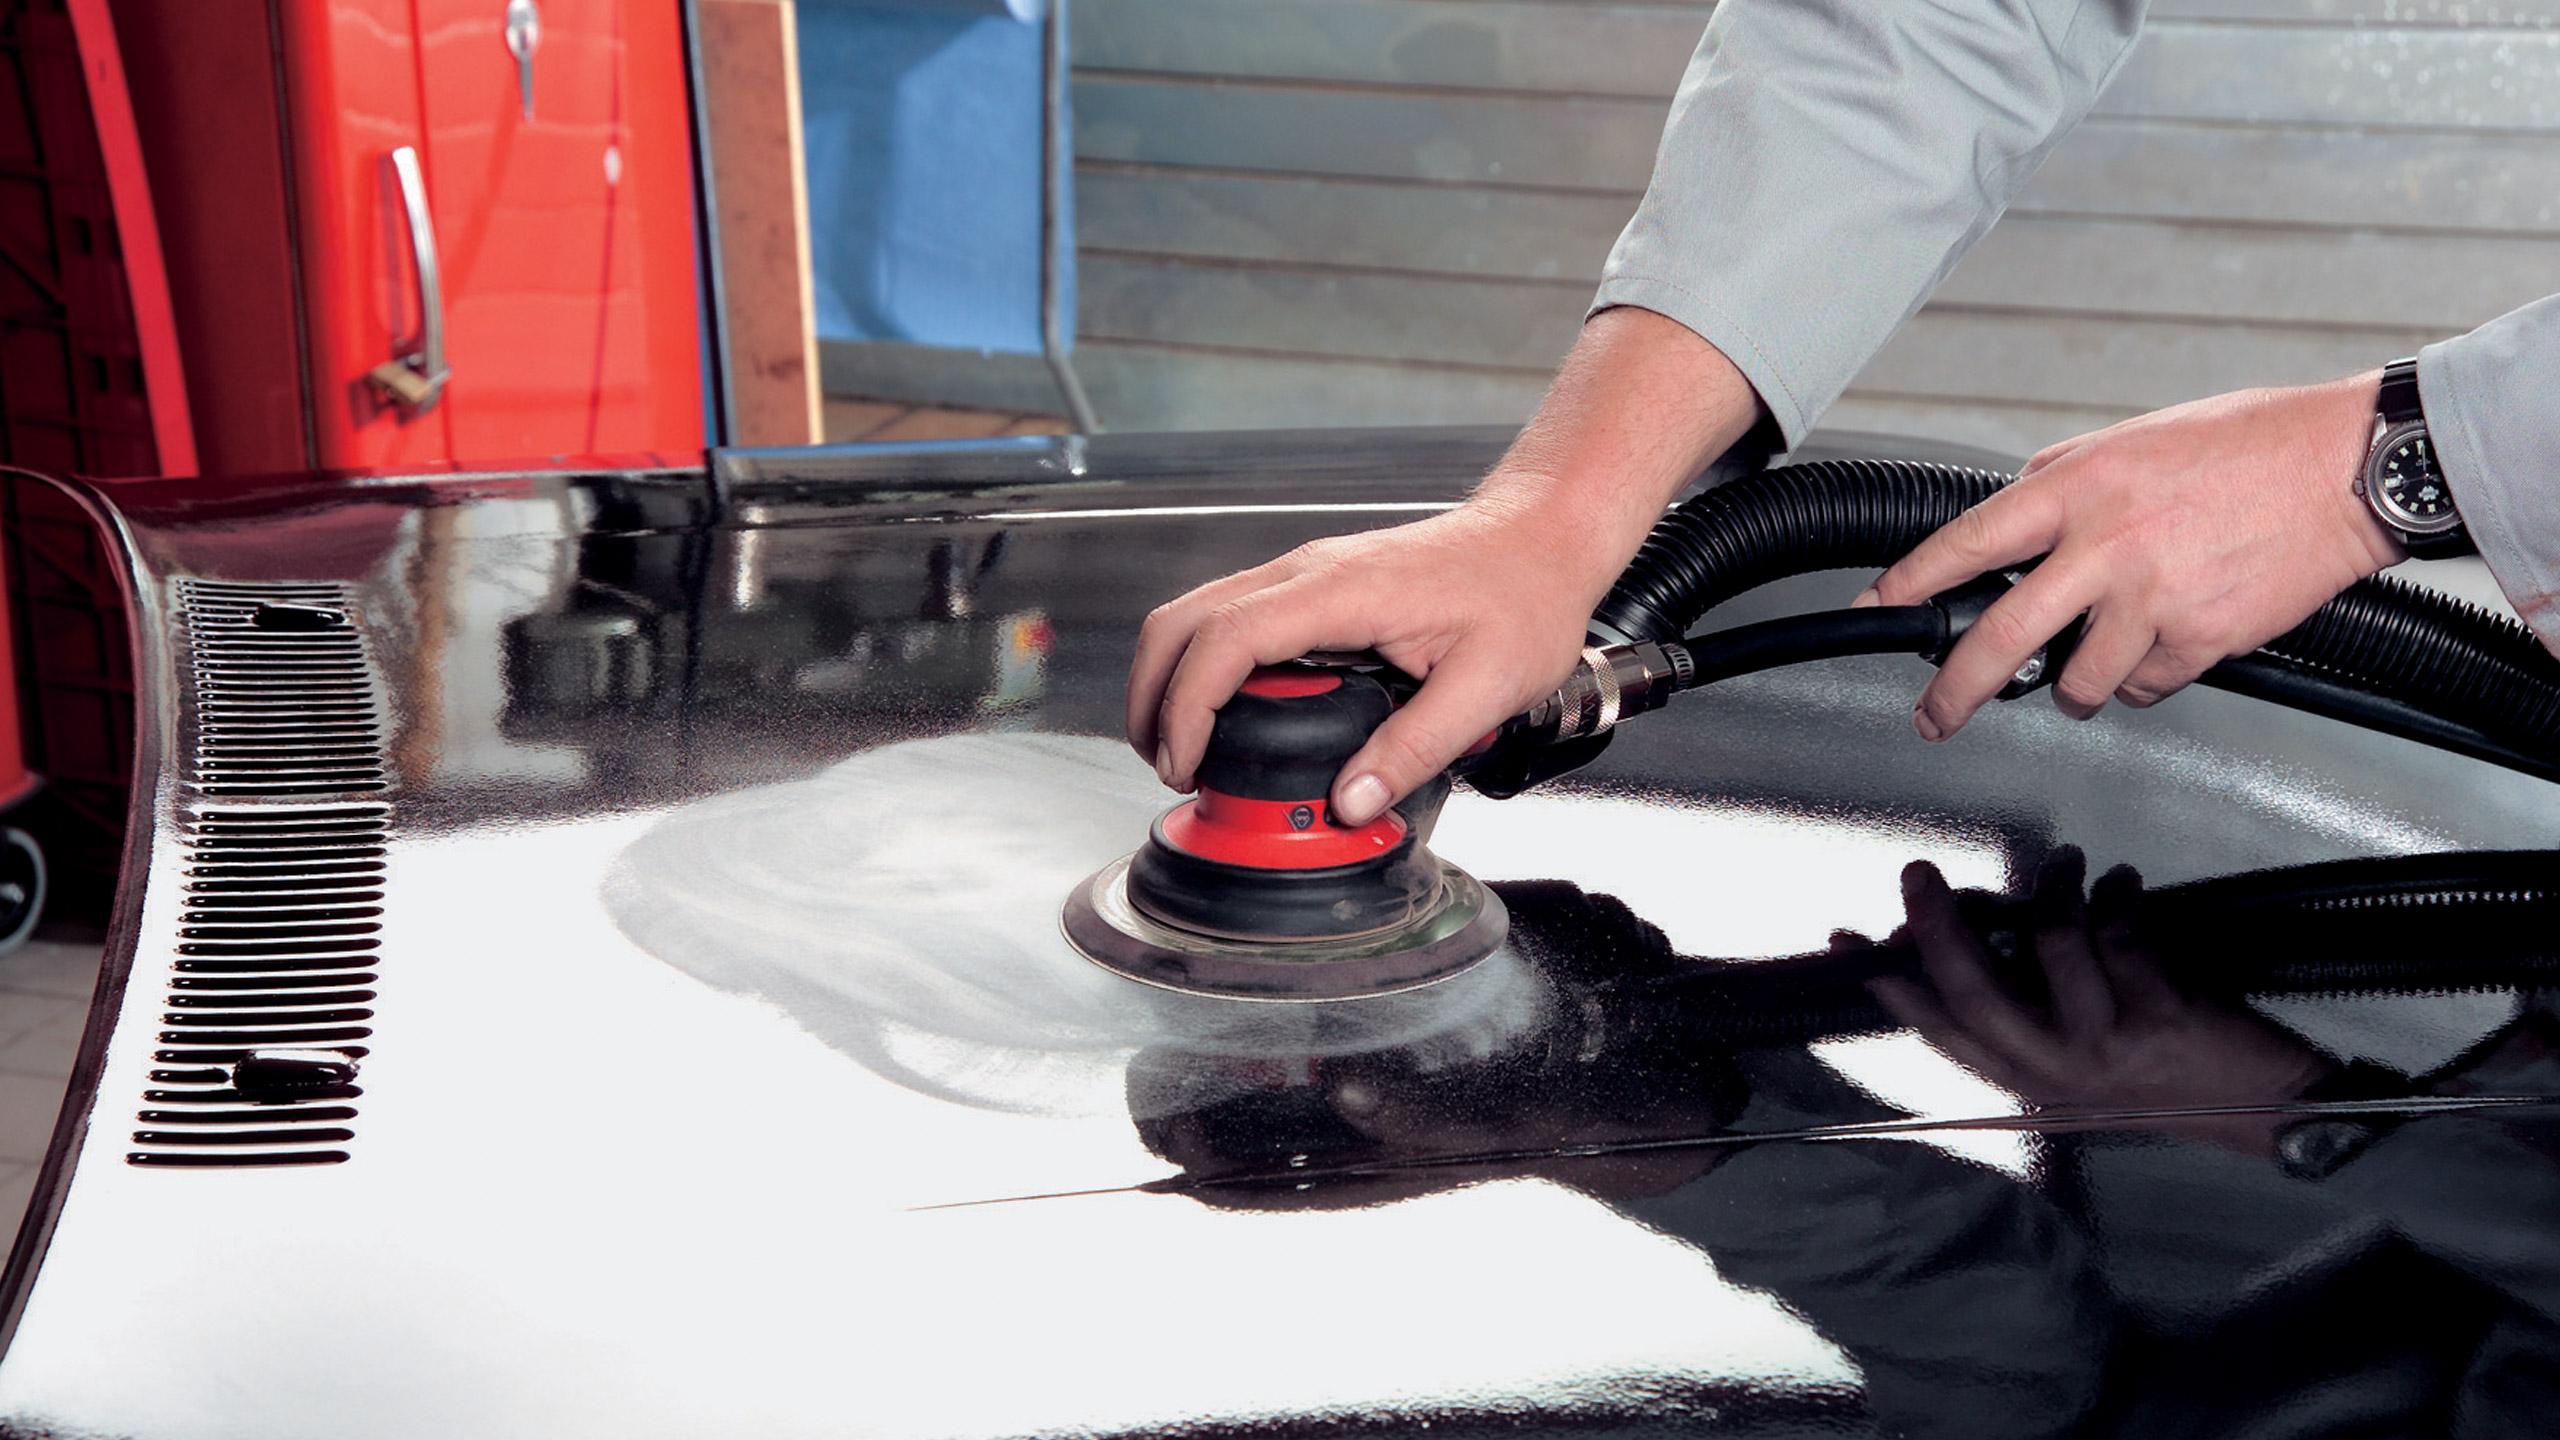 Come Scartavetrare Il Legno stucco per carrozzeria auto: come riempire e livellare